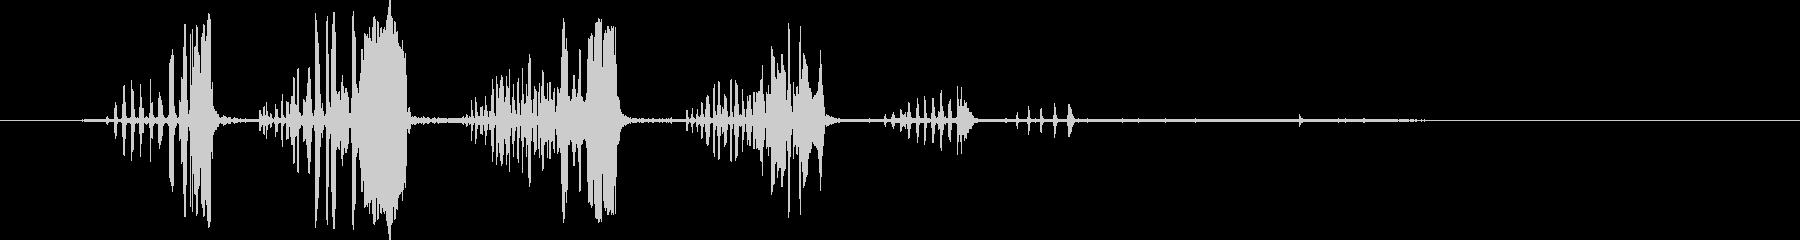 ペンギンの鳴き声。ウォーブリングペ...の未再生の波形